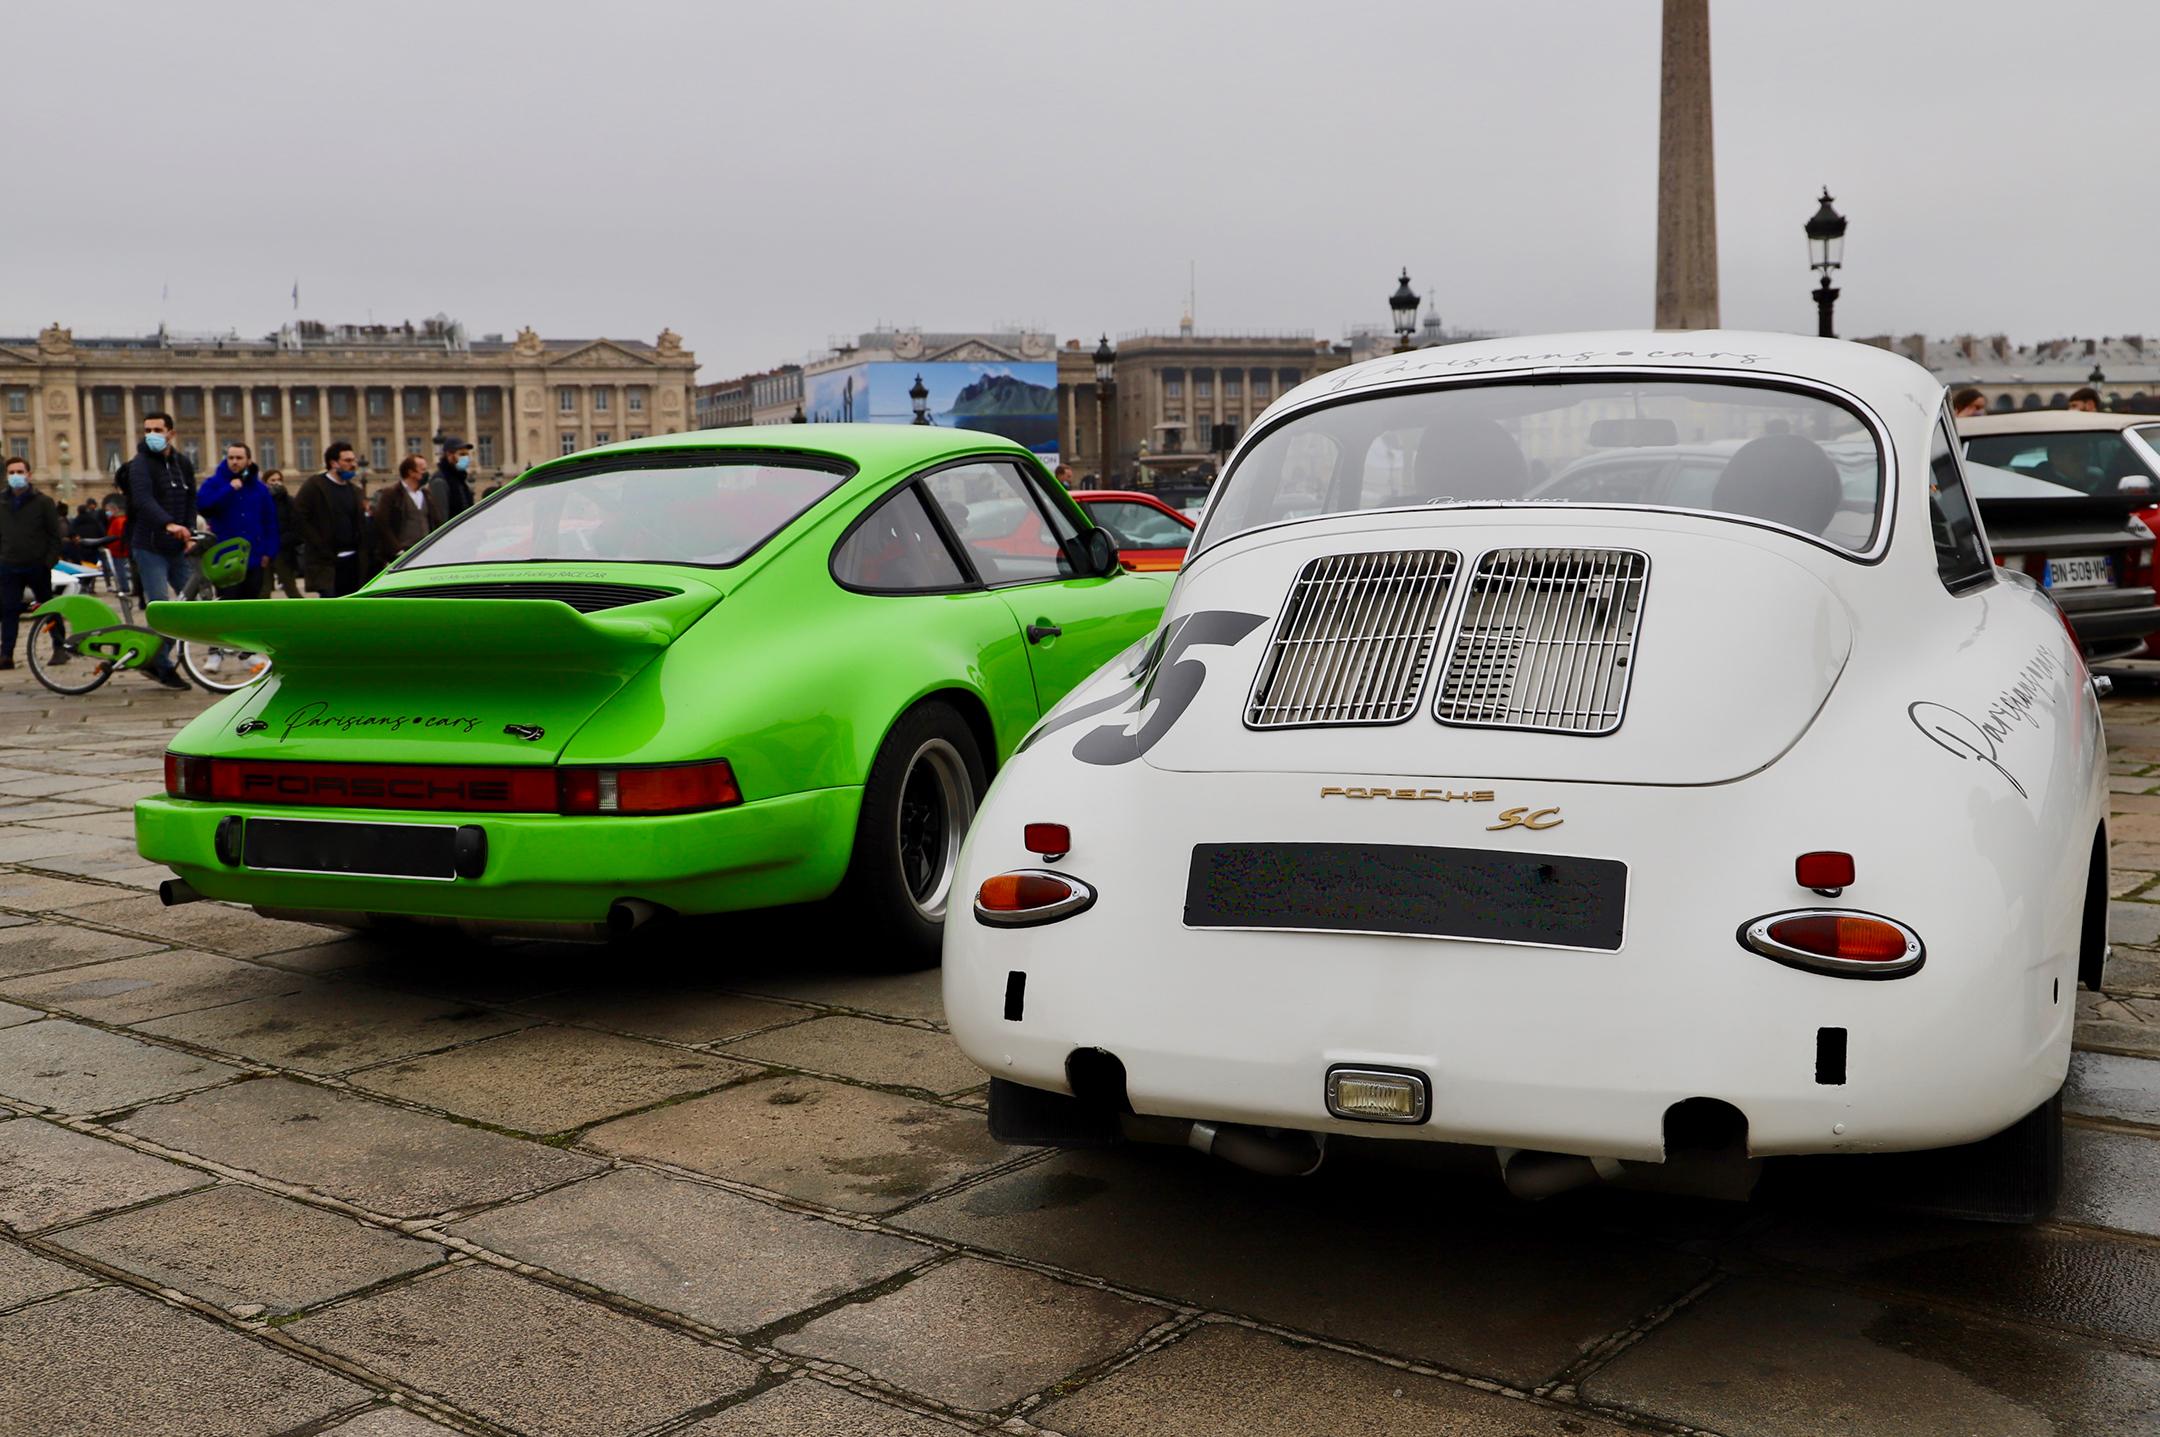 Porsche heritage - Traversée de Paris Hivernale - 2021 - photo Ludo Ferrari